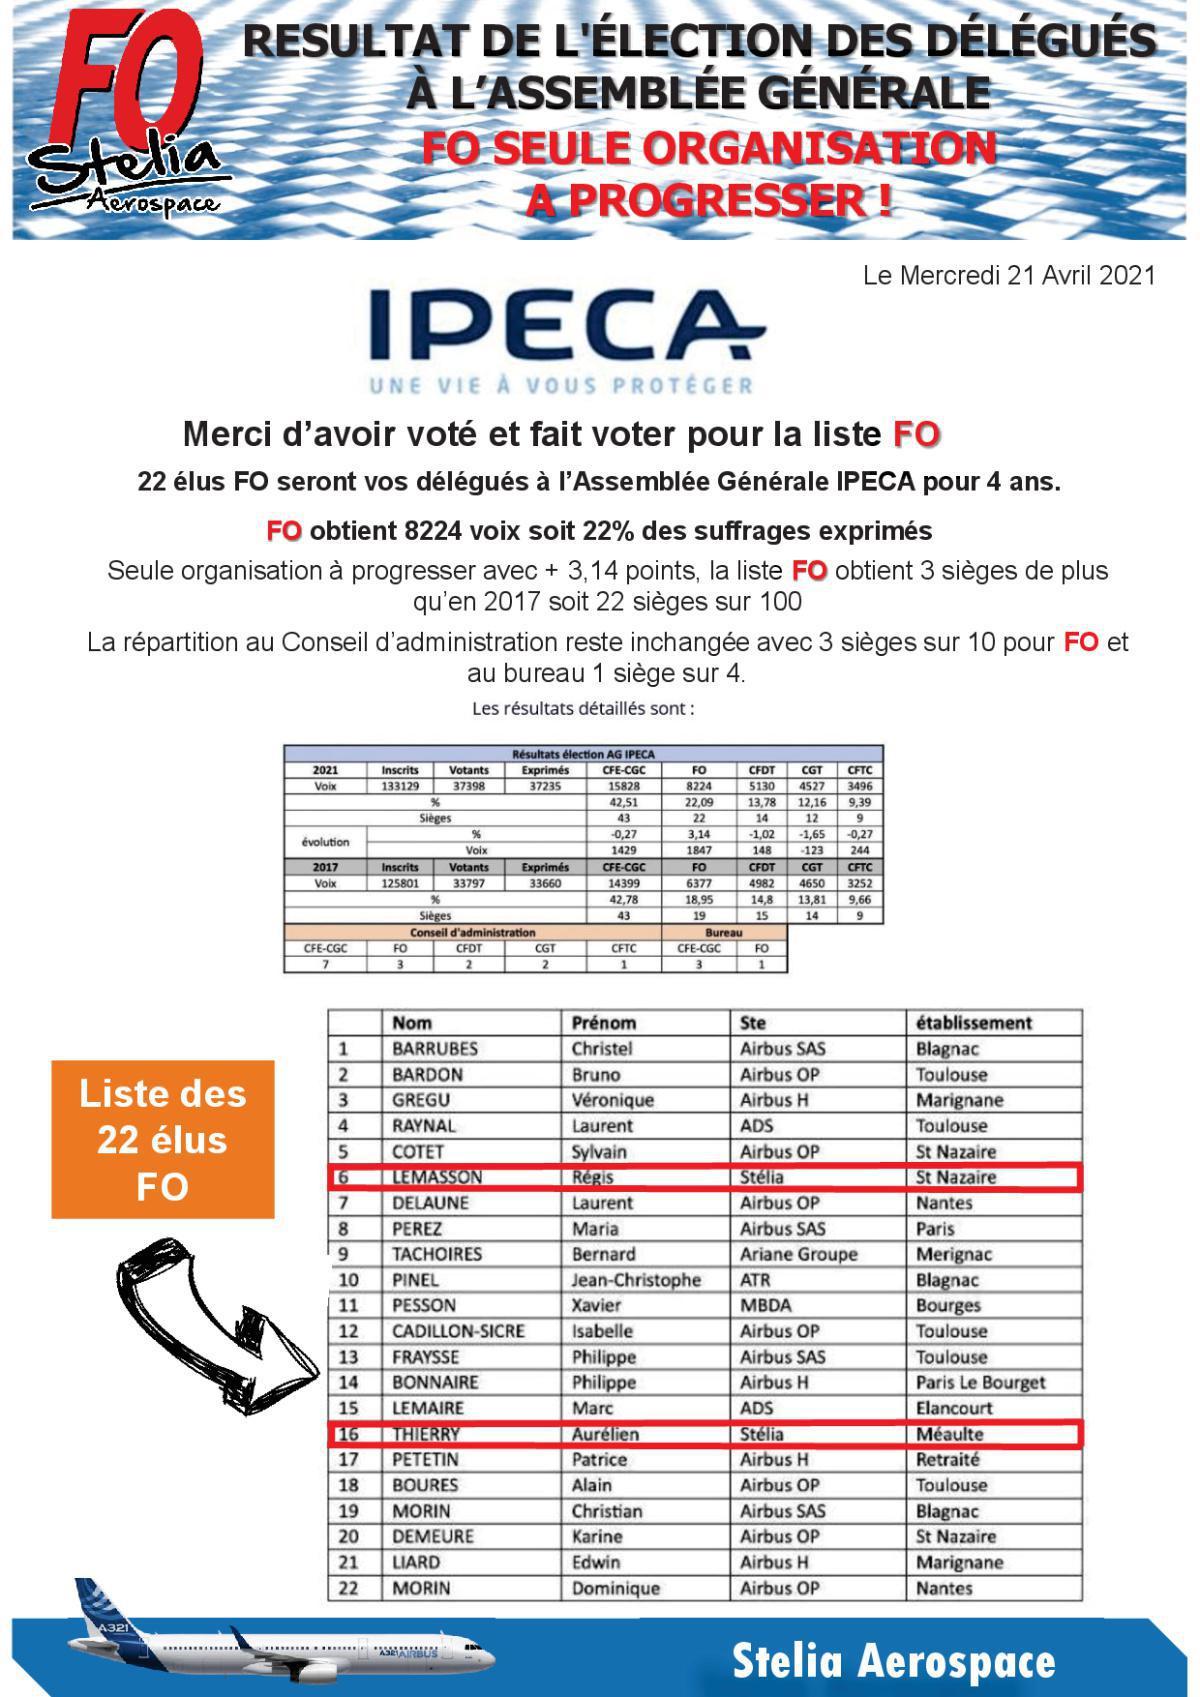 Résultat de l'élection des délégués à l'assemblée Générale IPECA